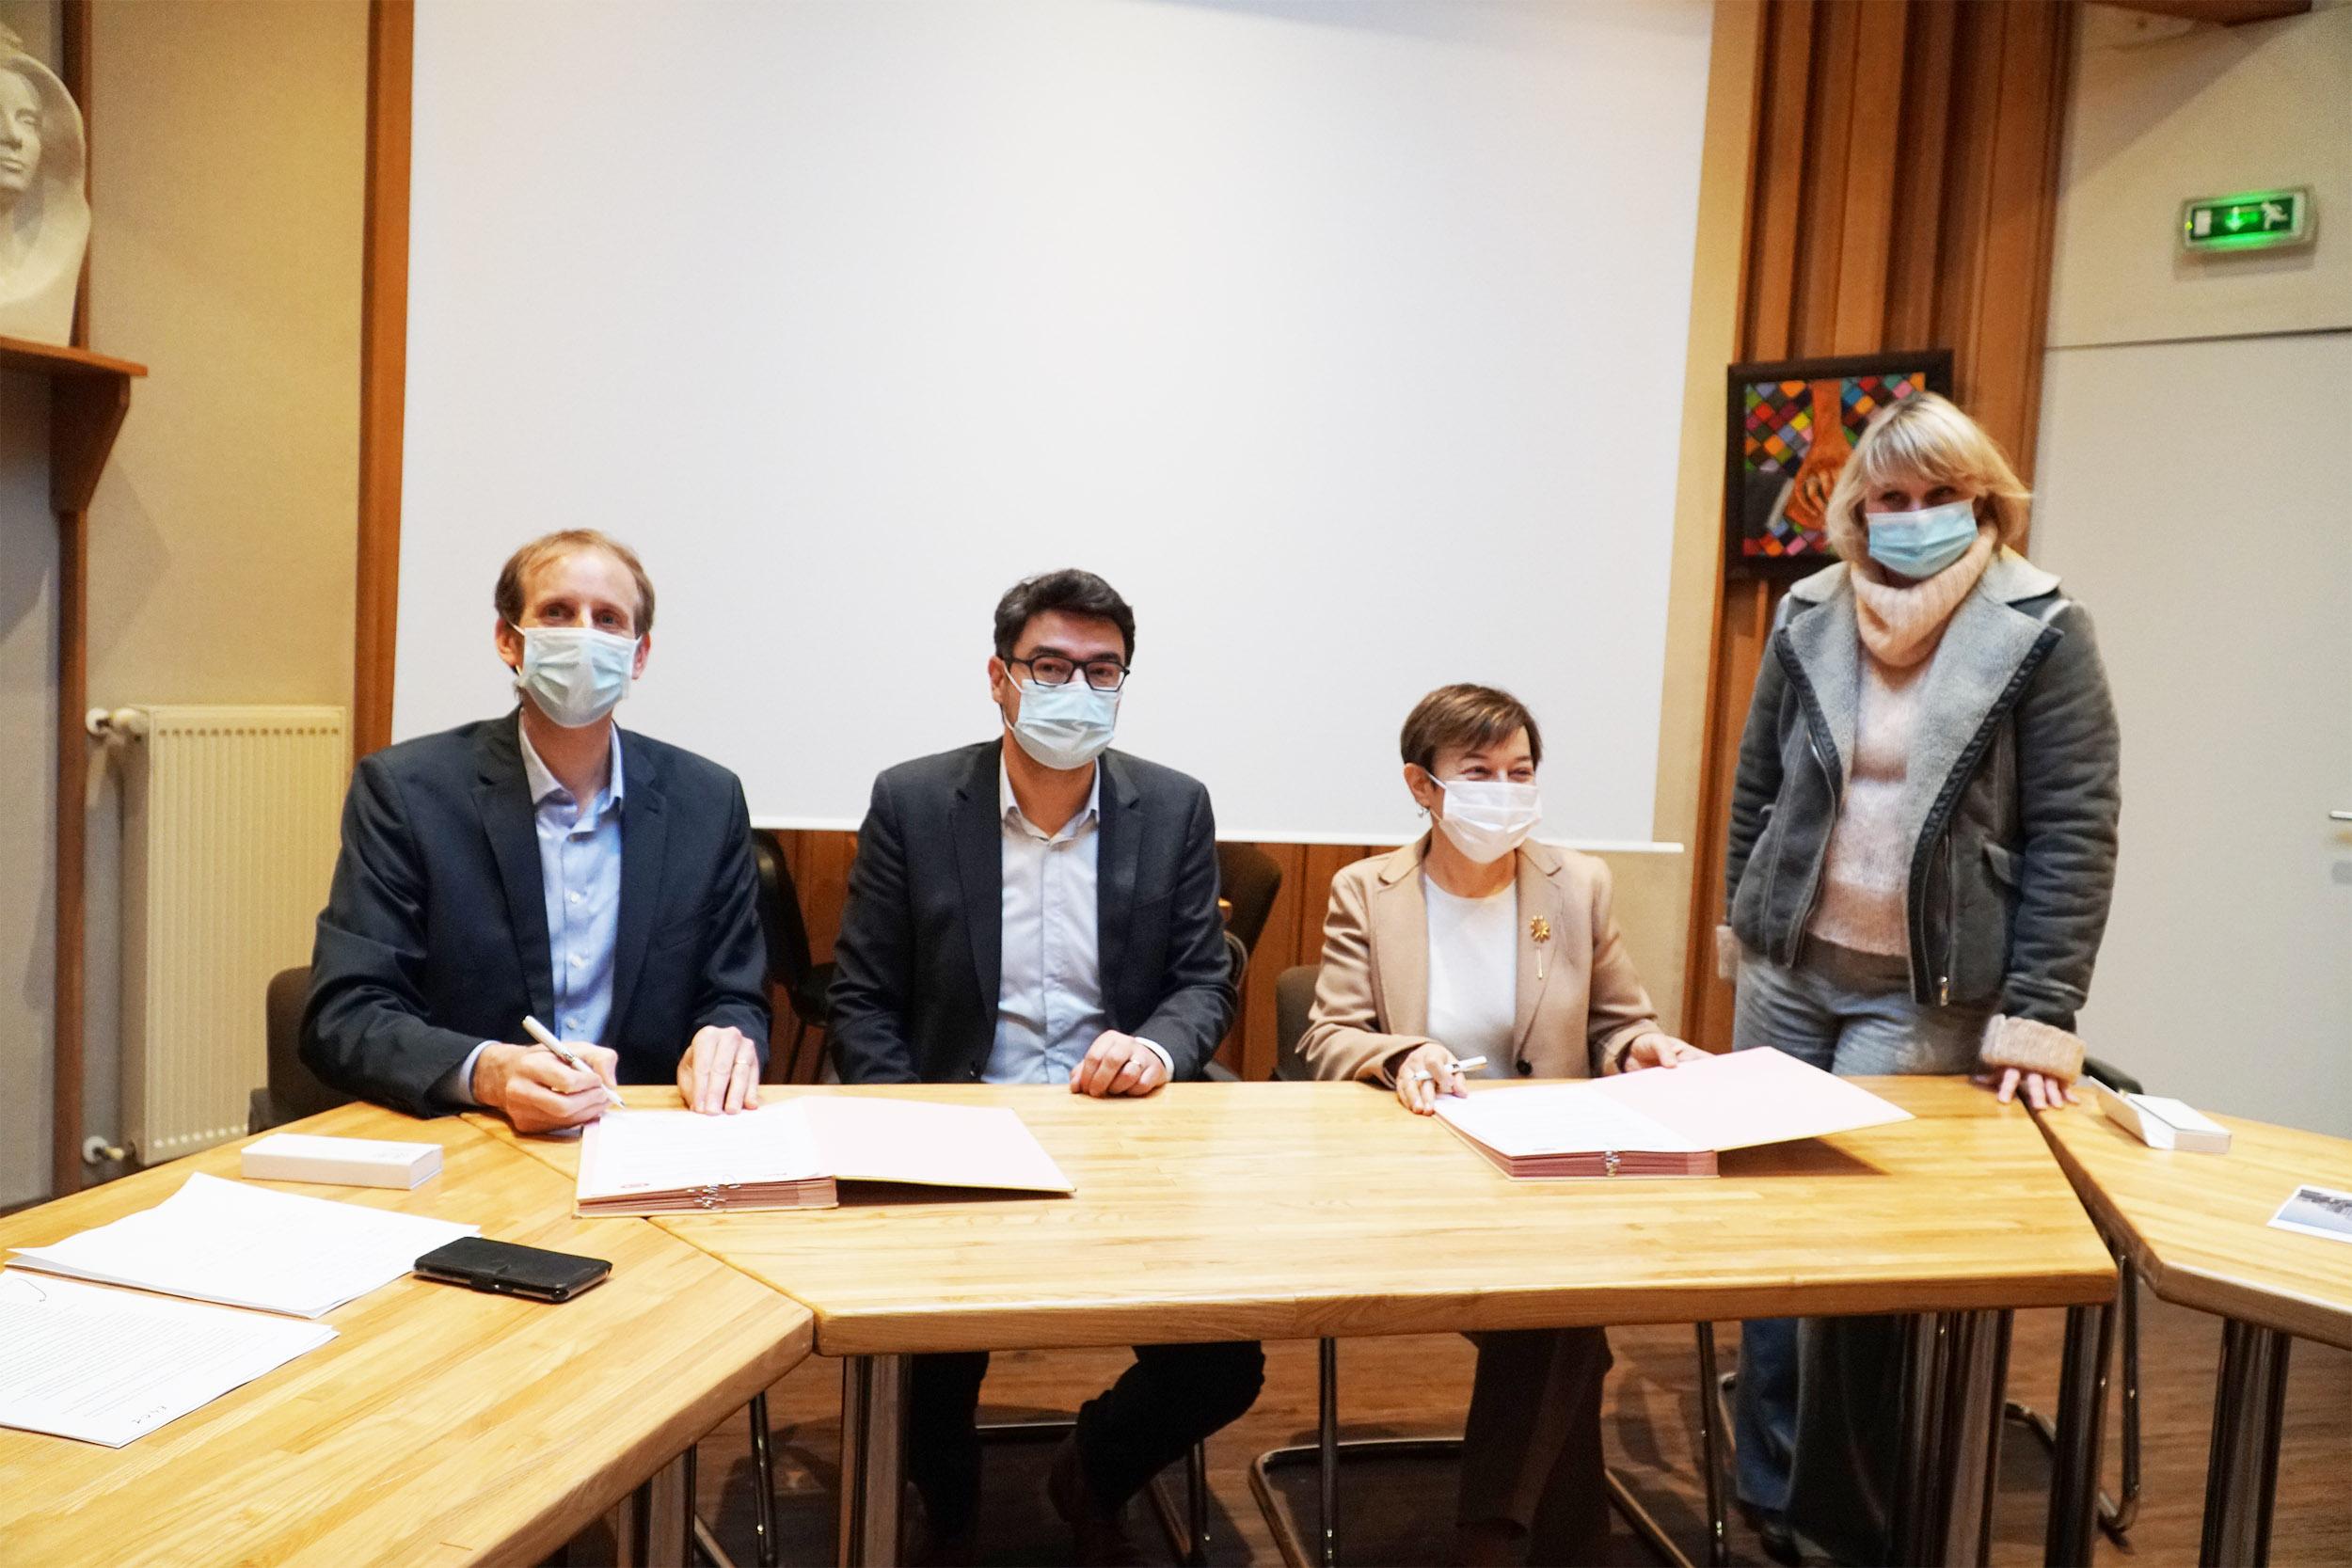 Groupe scolaire du Château-d'Eau à Gouesnou : Signature du MPGP le projet est lancé